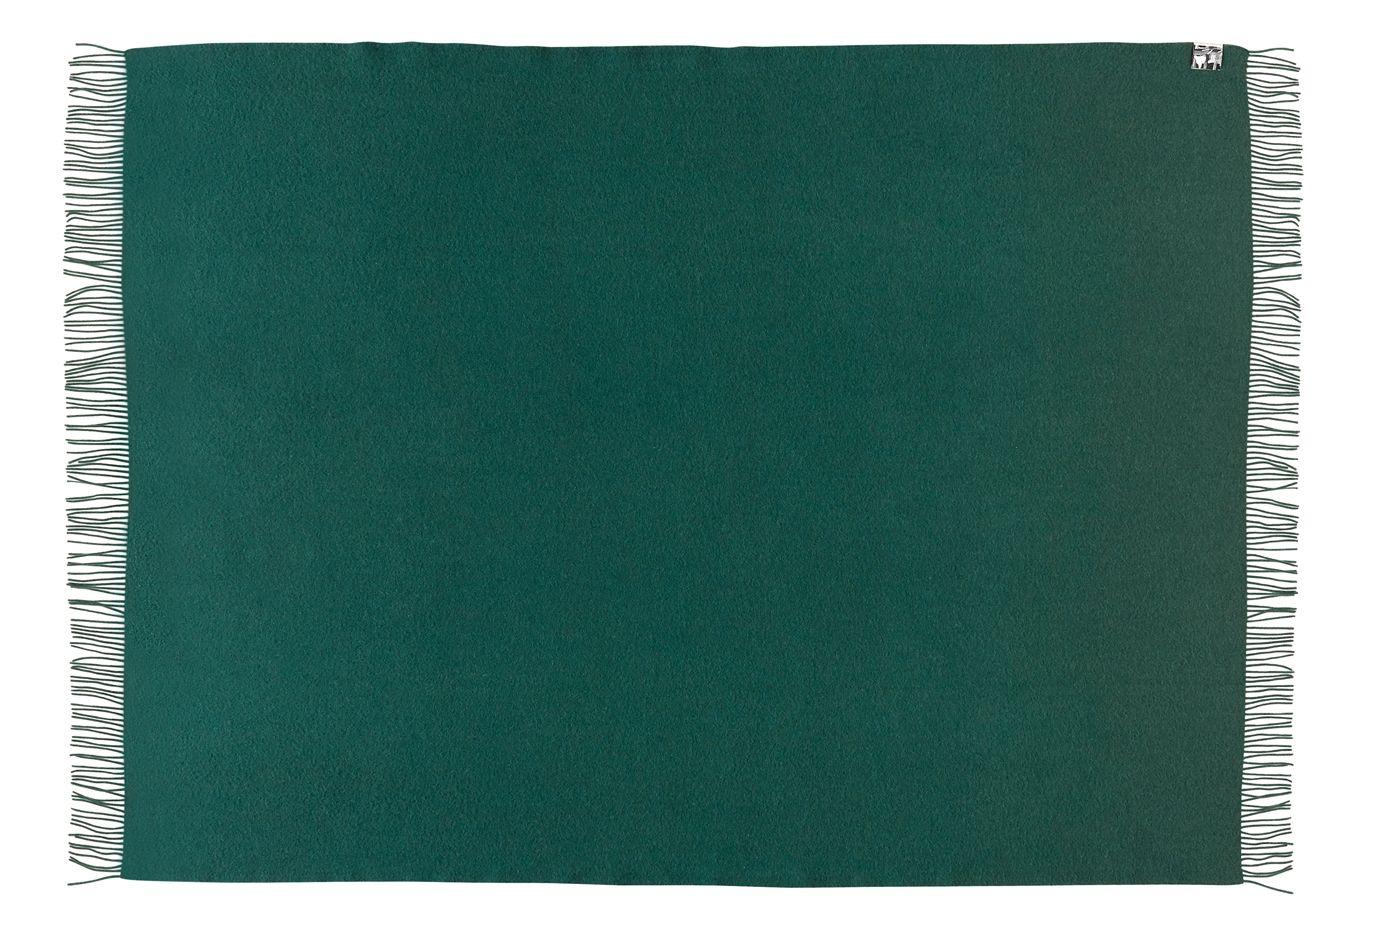 Athen Plaid - Mørk grøn Uld - 200x130 - Silkeborg Uldspinderi